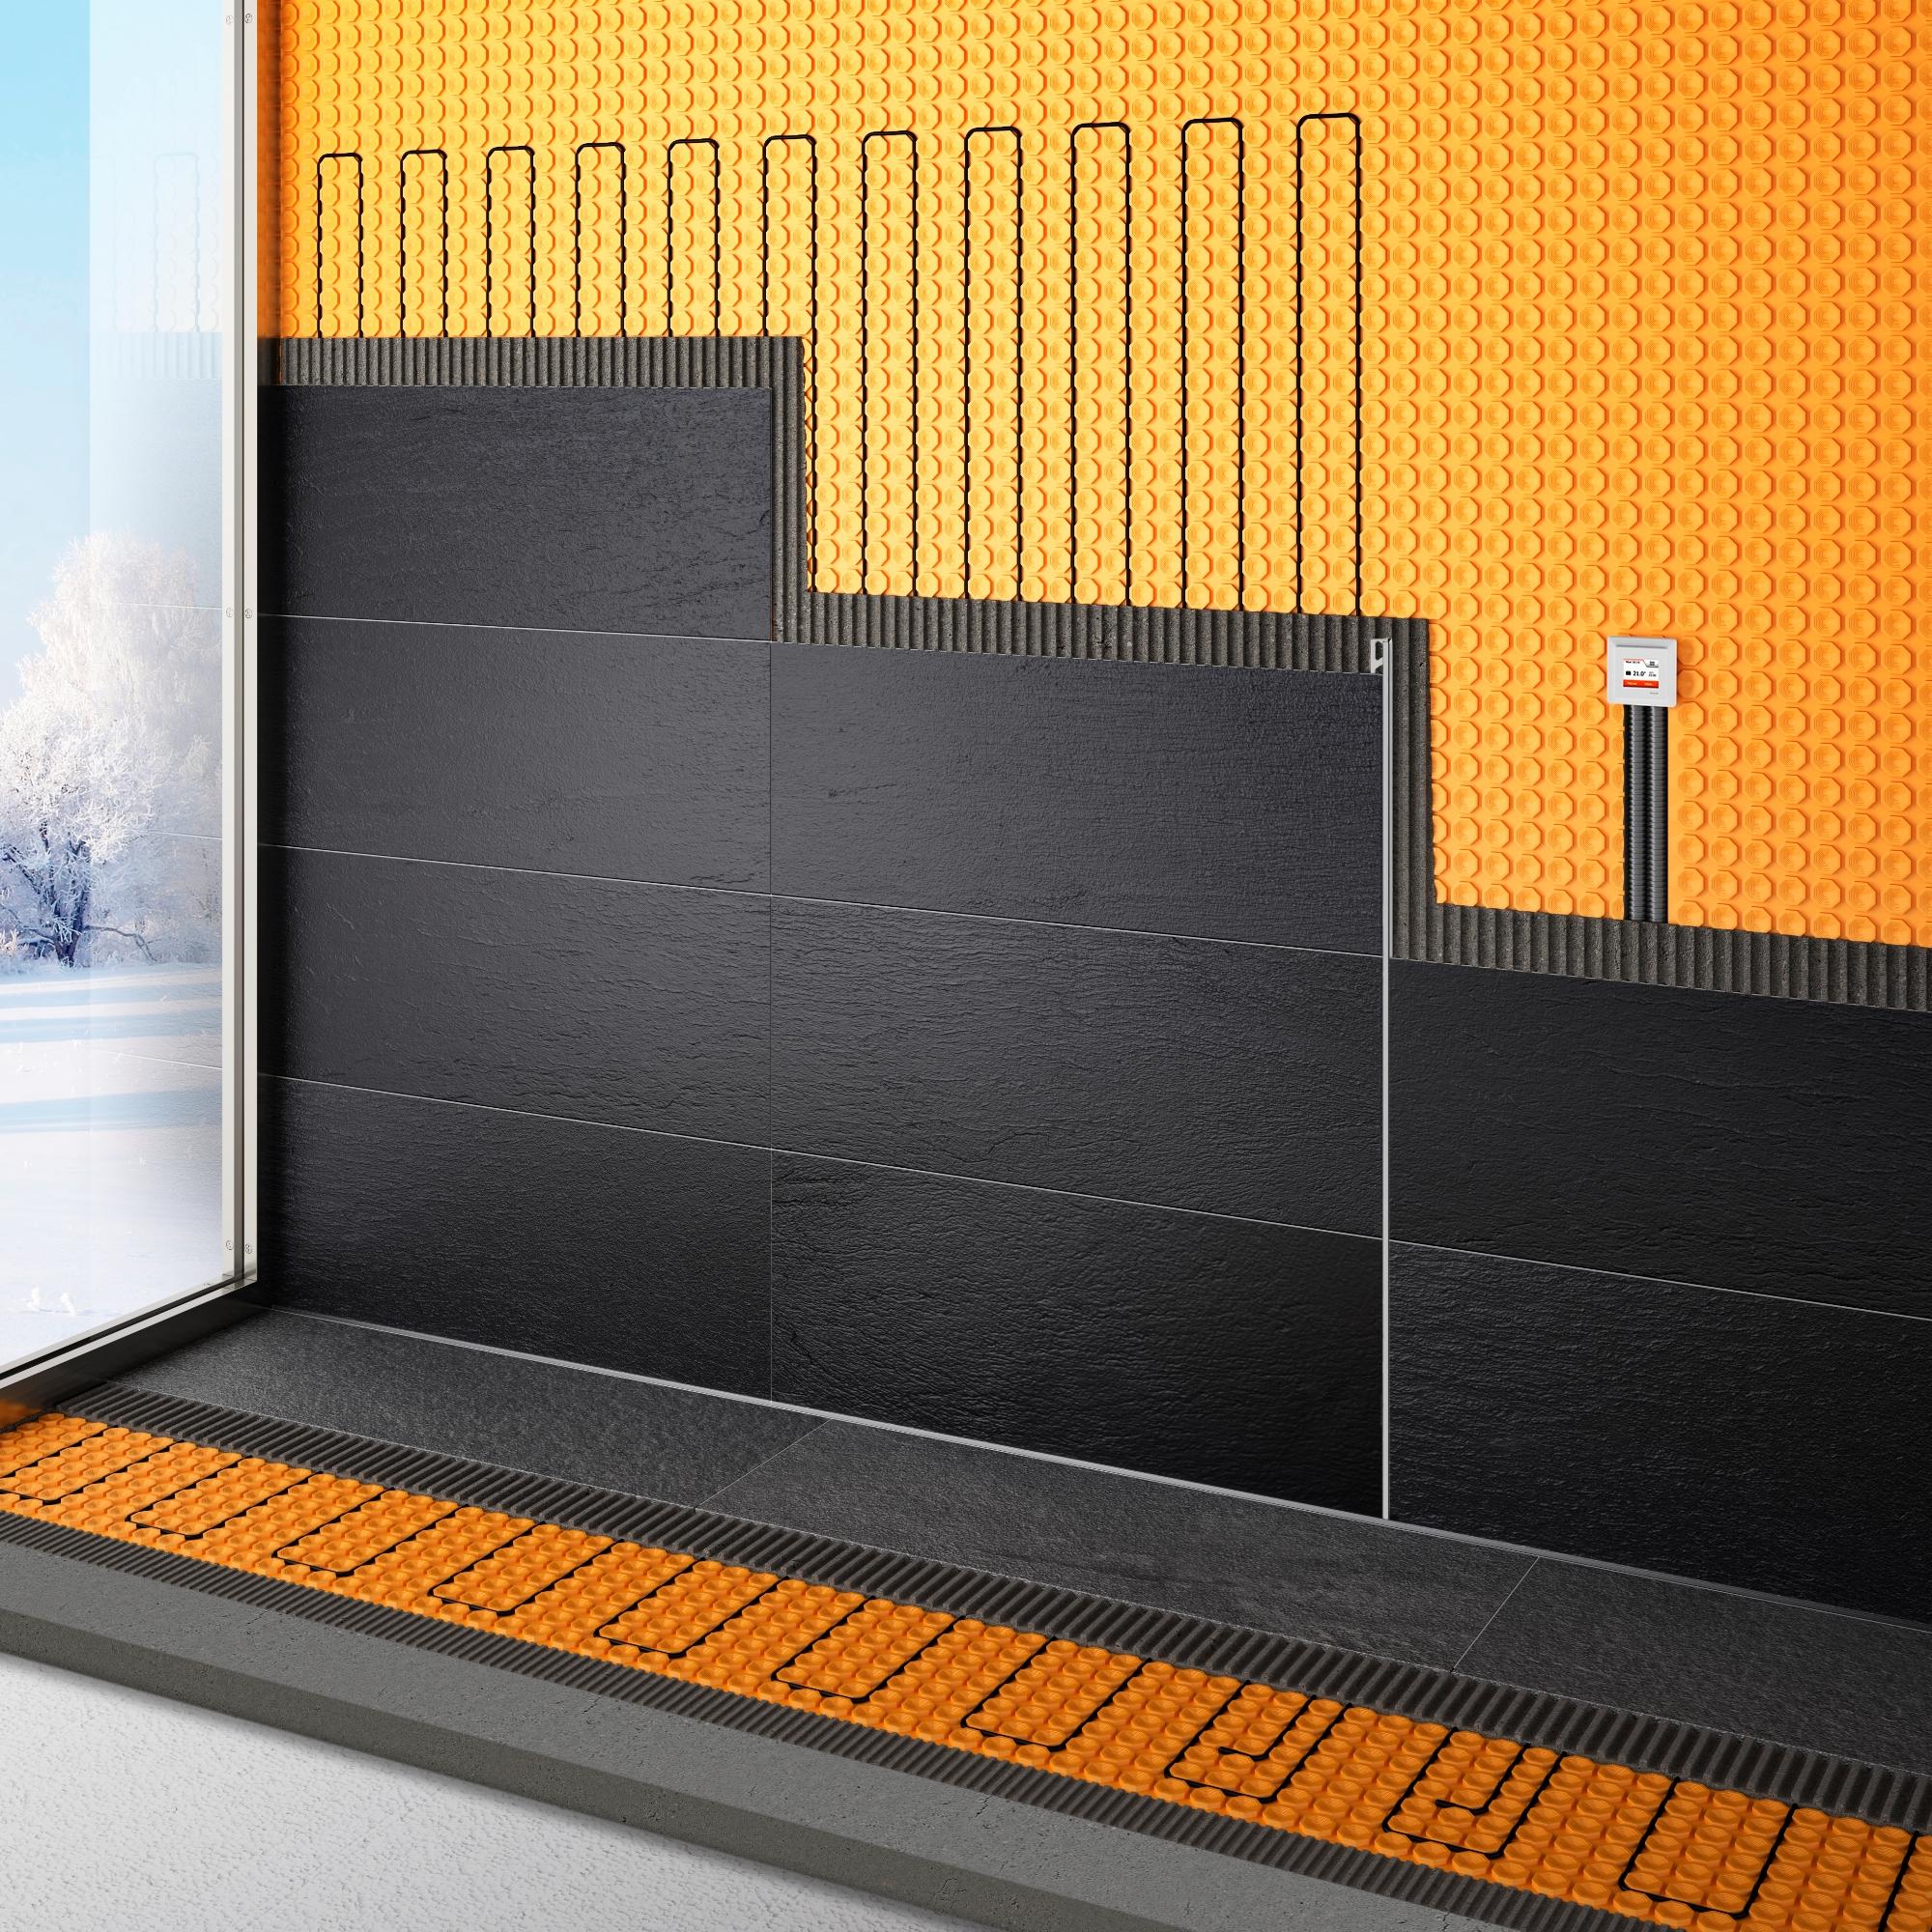 Vloer- en muurverwarming